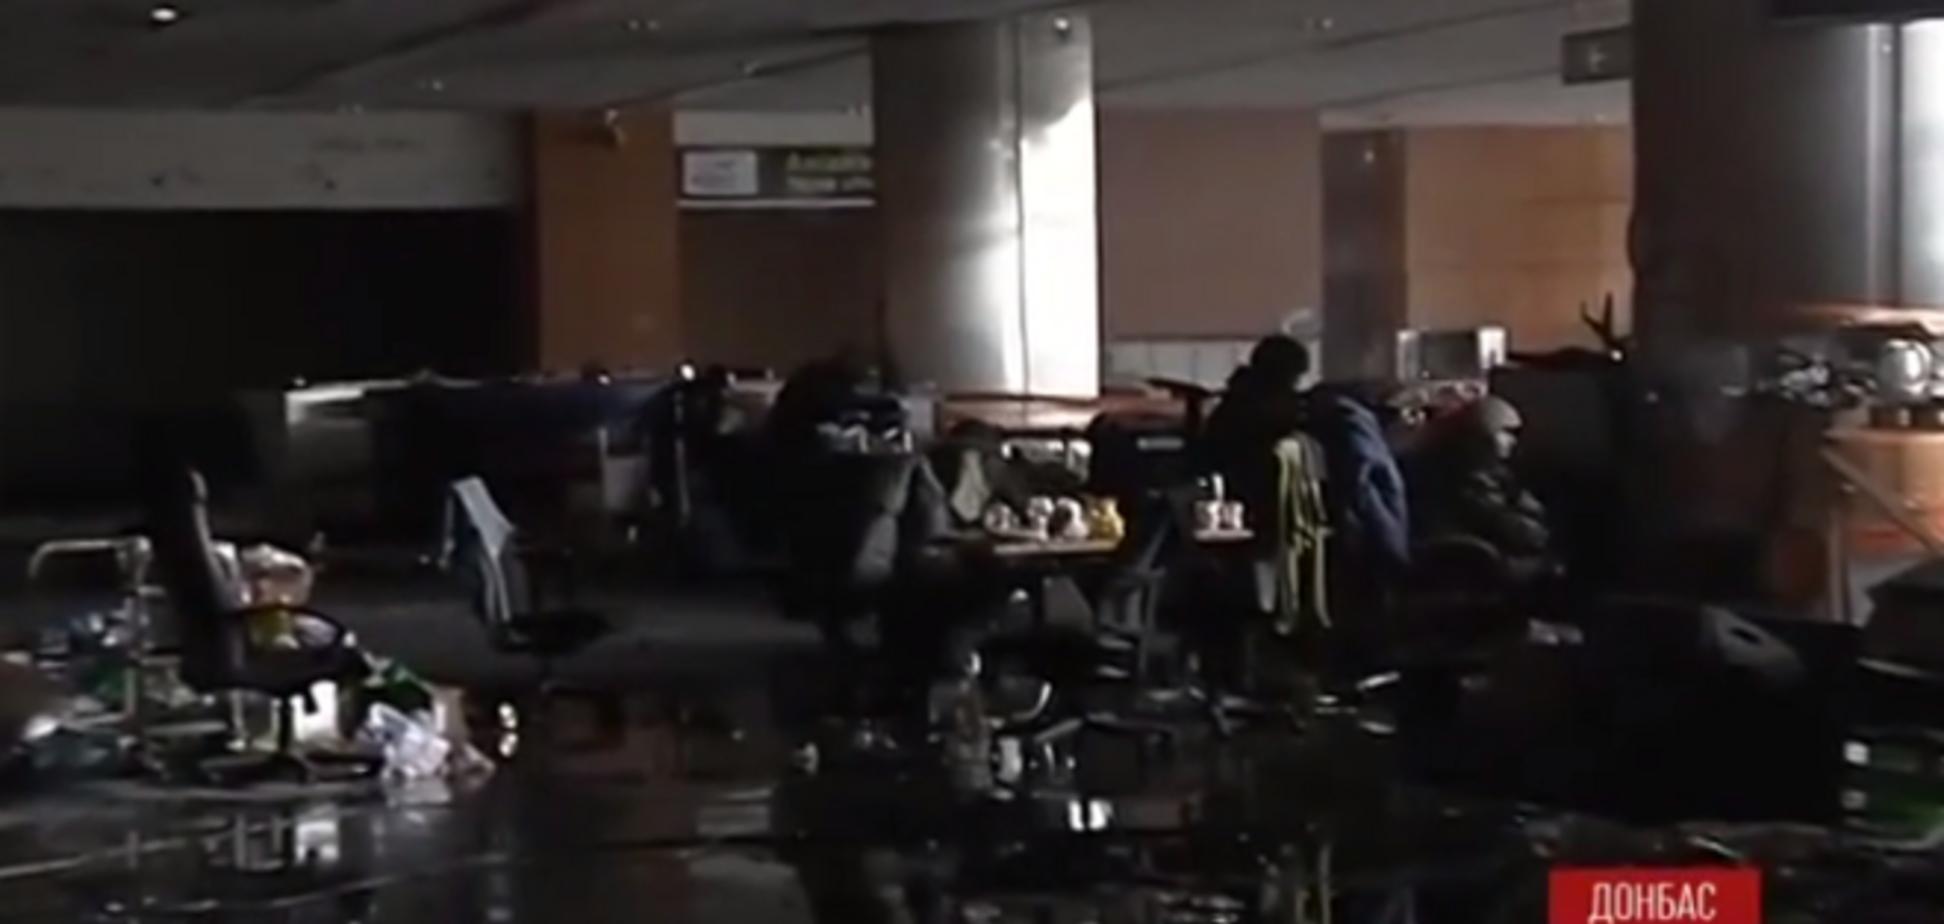 Снято видео изнутри терминала донецкого аэропорта во время атаки боевиков